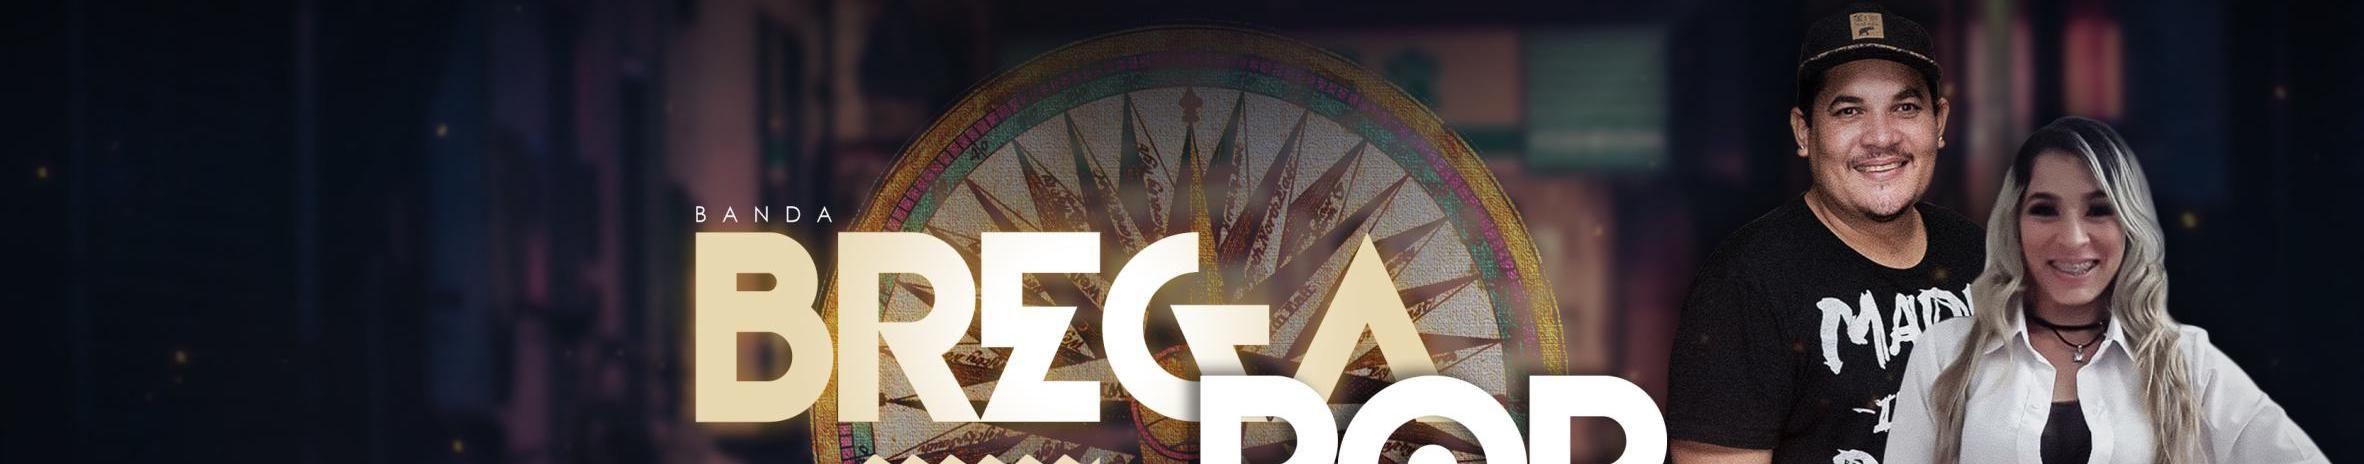 Imagem de capa de Banda Brega Pop